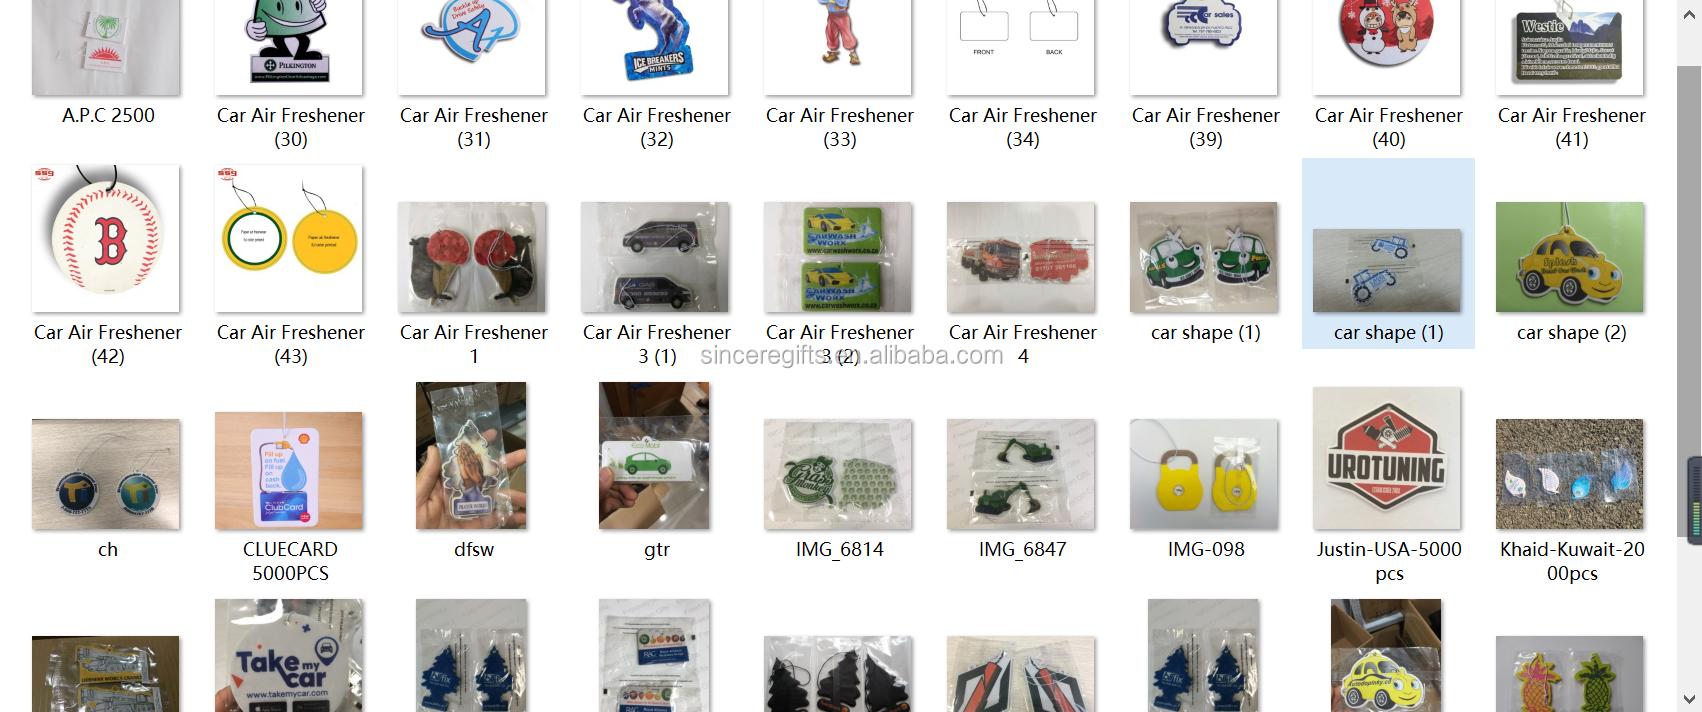 แขวนกระดาษเครื่องฟอกอากาศรถยนต์โลโก้ที่กำหนดเอง